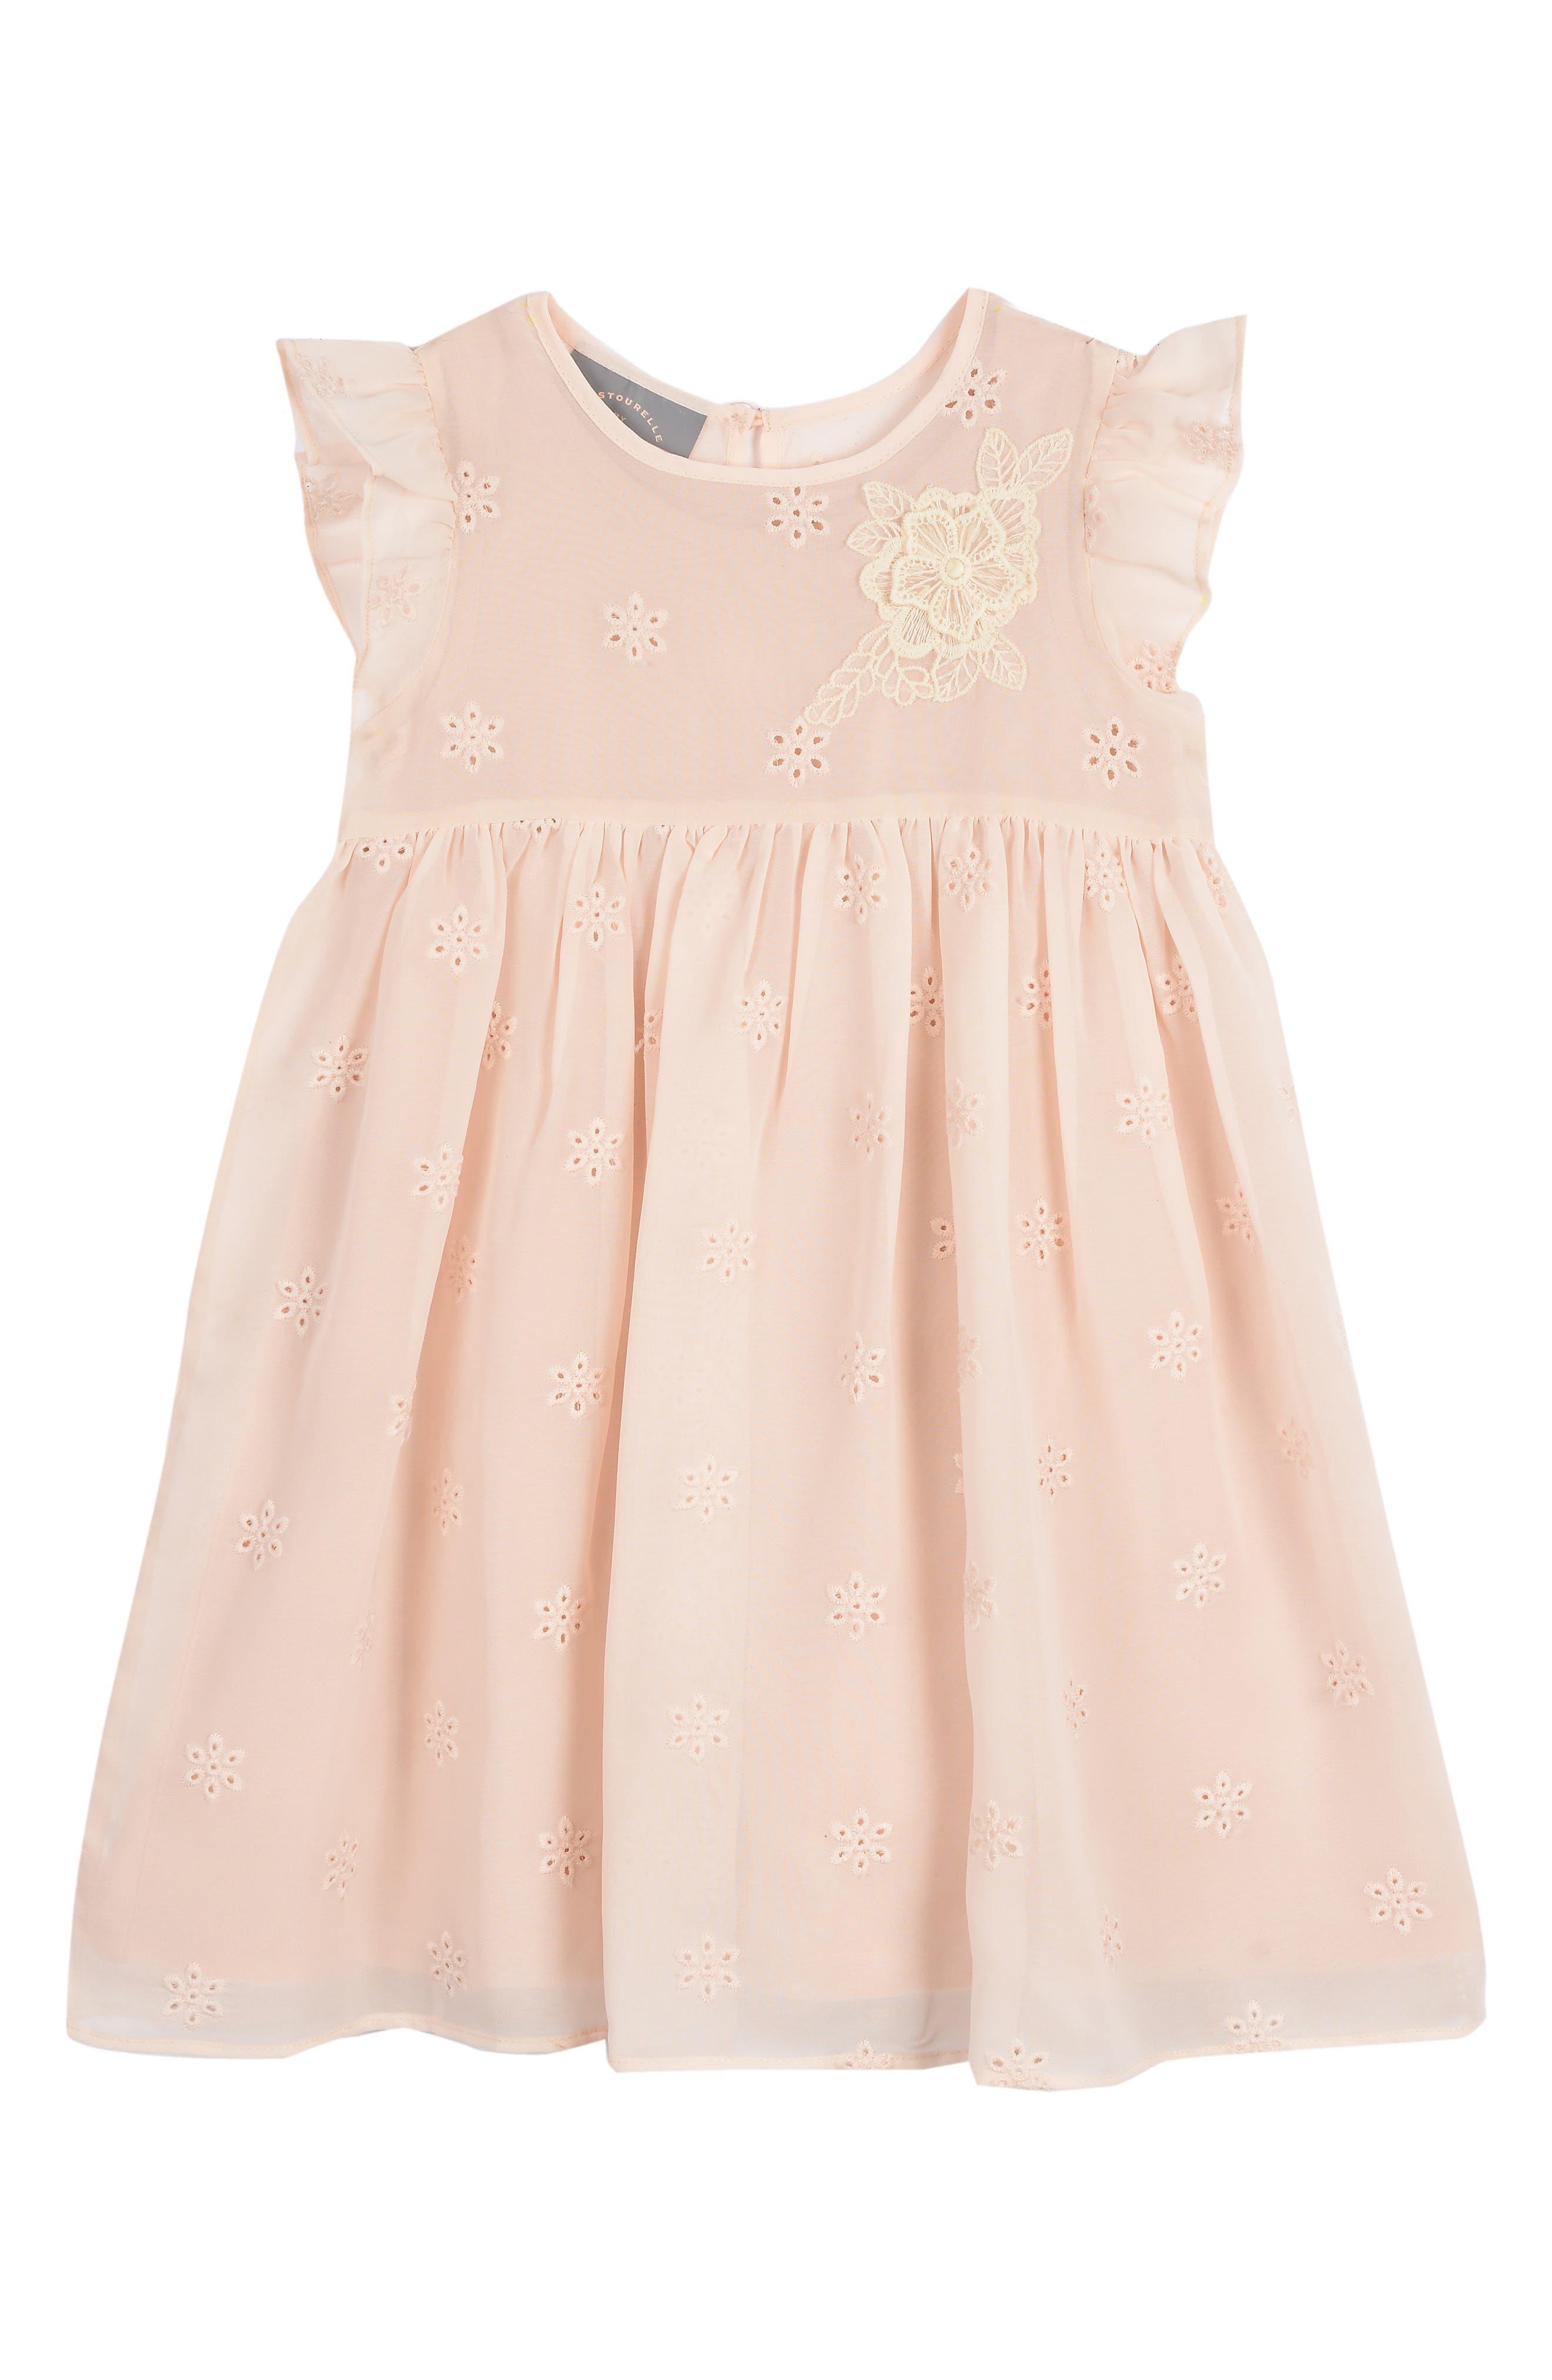 Infant Girls Pippa  Julie Flutter Sleeve Eyelet Dress Size 18M  Pink